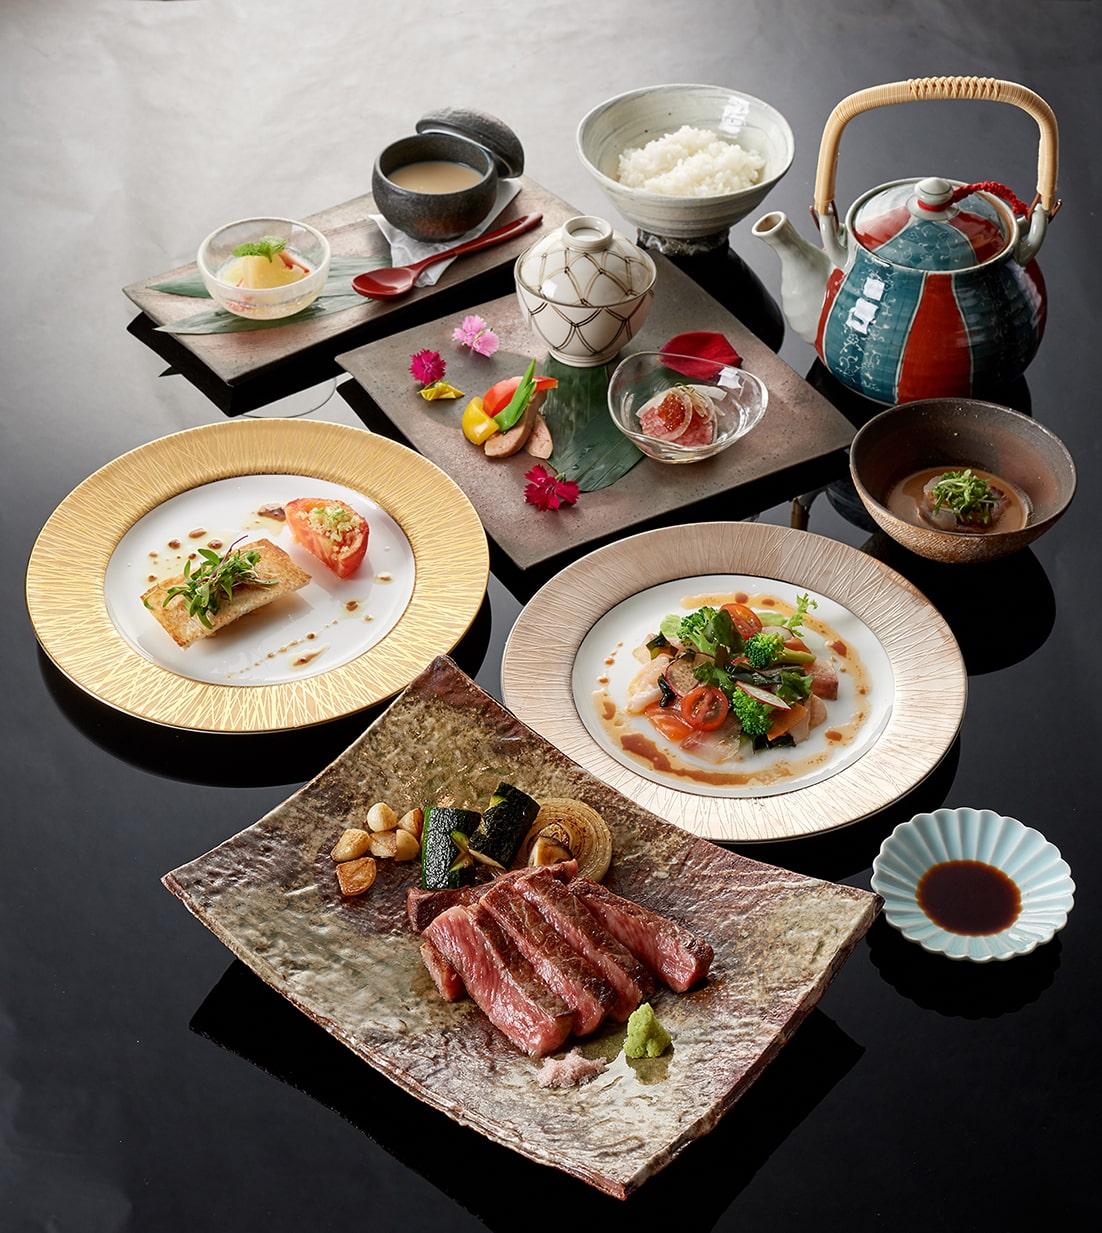 台北美福大飯店 晴山日本料理 鐵板燒套餐